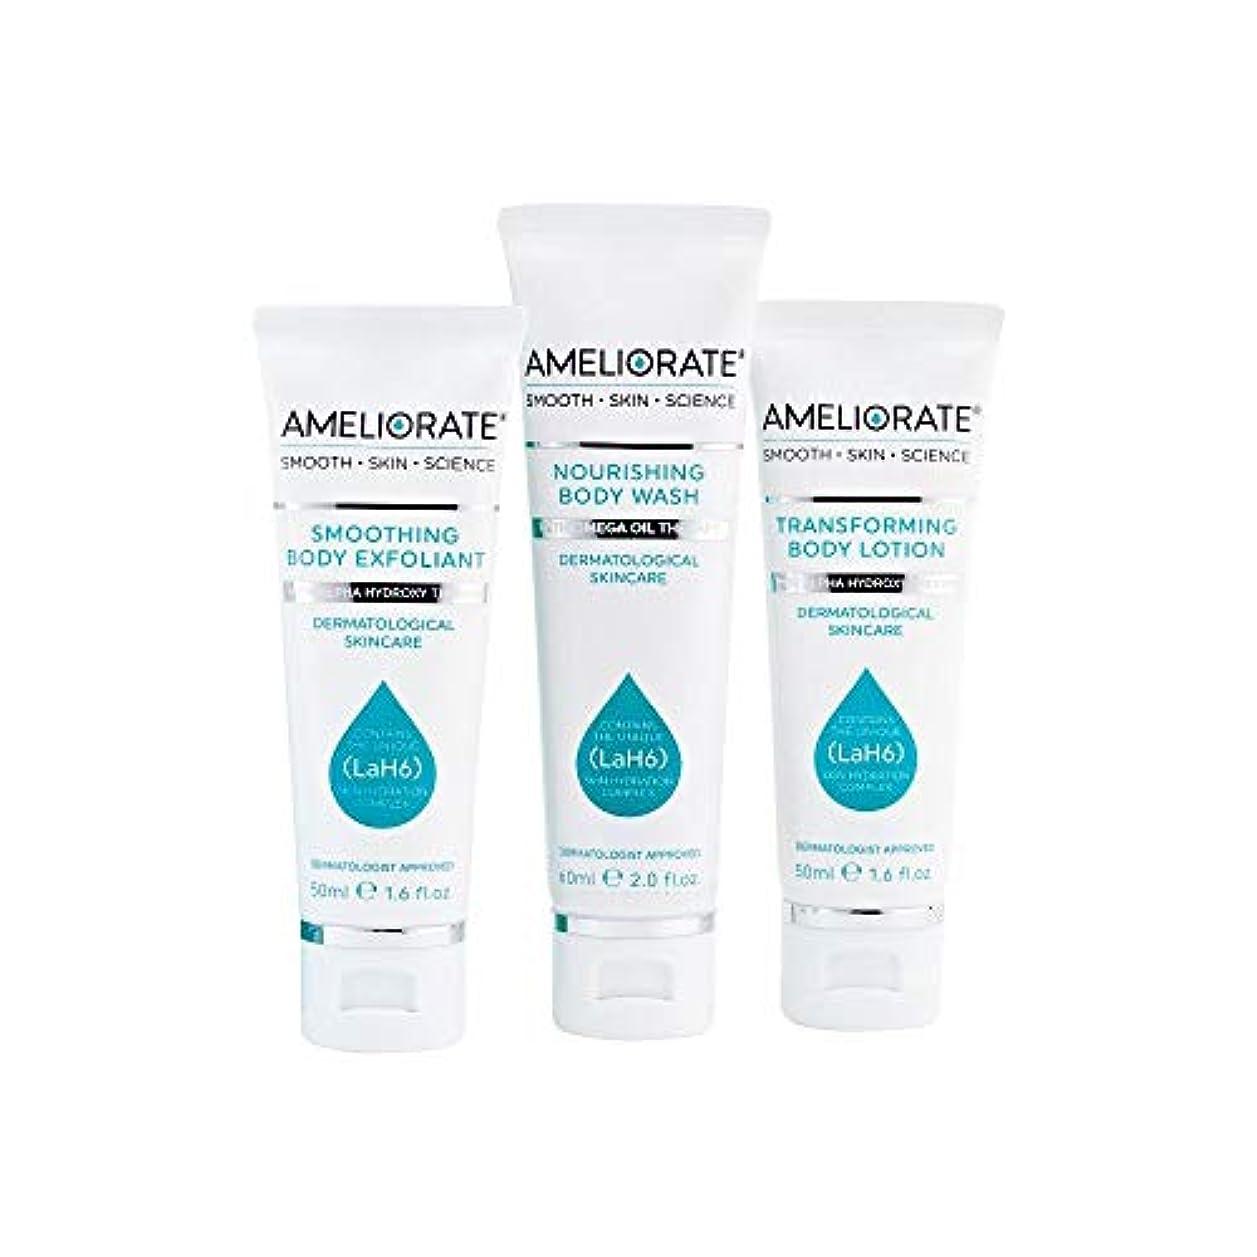 薬モニカ簡単に[Ameliorate] 皮膚キットを滑らかにする3つのステップを改善 - Ameliorate 3 Steps to Smooth Skin Kit [並行輸入品]